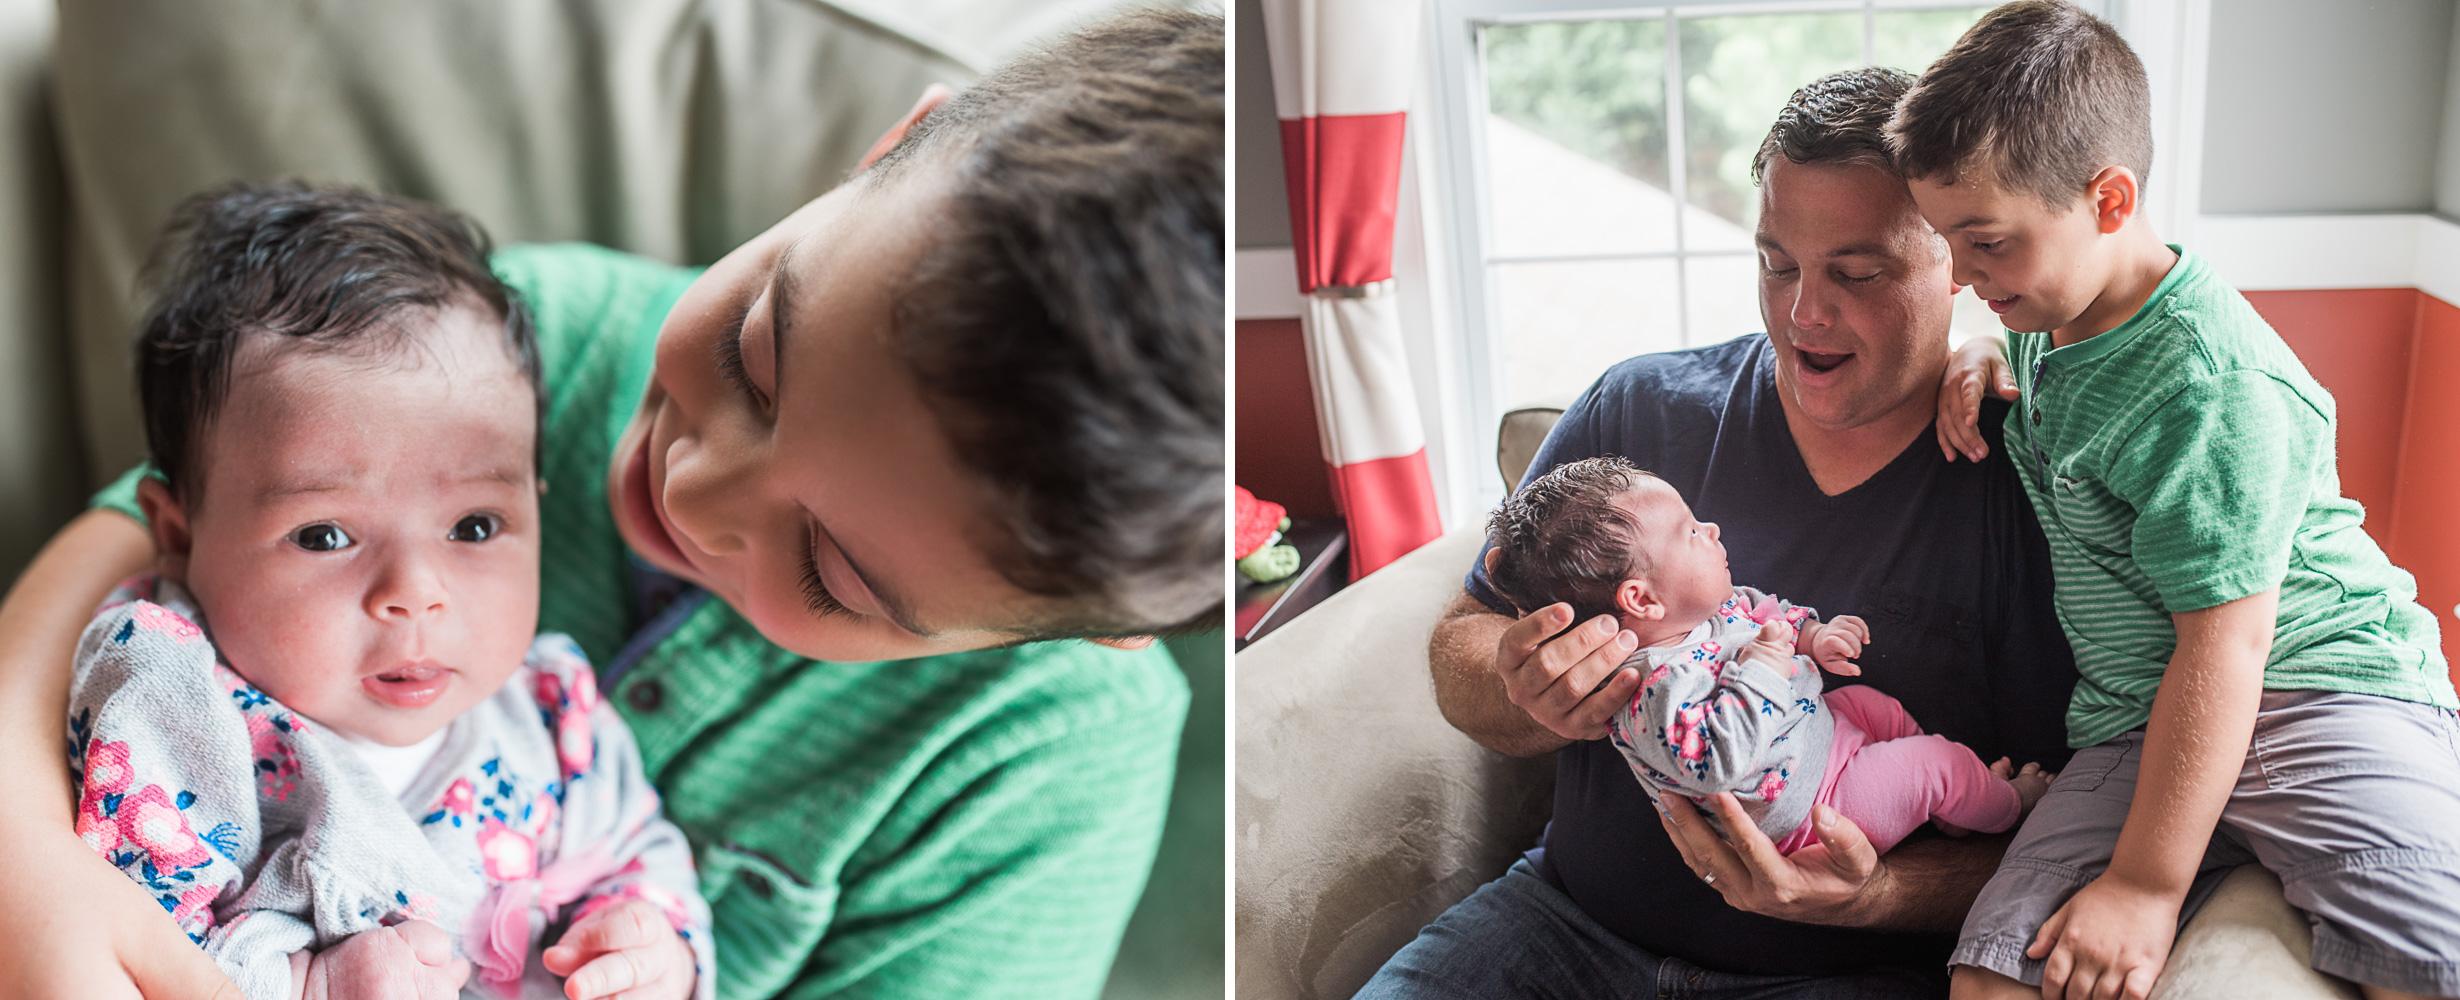 5-Maryland-Newborn-Photographer-Lifestyle-Session-By-Breanna-Kuhlmann-BKLP-Photos.jpg